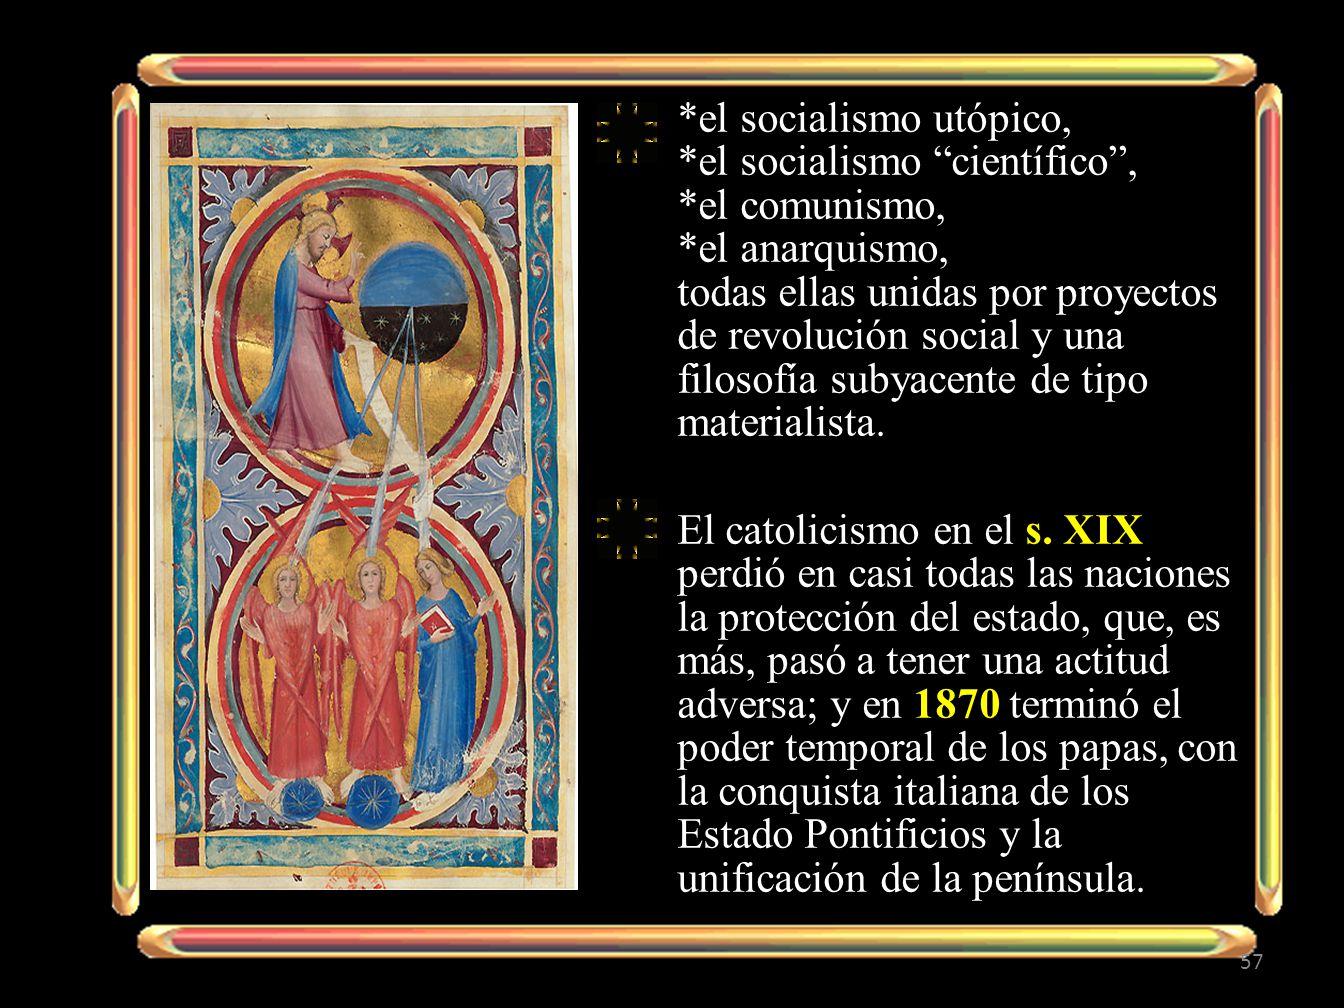 *el socialismo utópico, *el socialismo científico, *el comunismo, *el anarquismo, todas ellas unidas por proyectos de revolución social y una filosofí